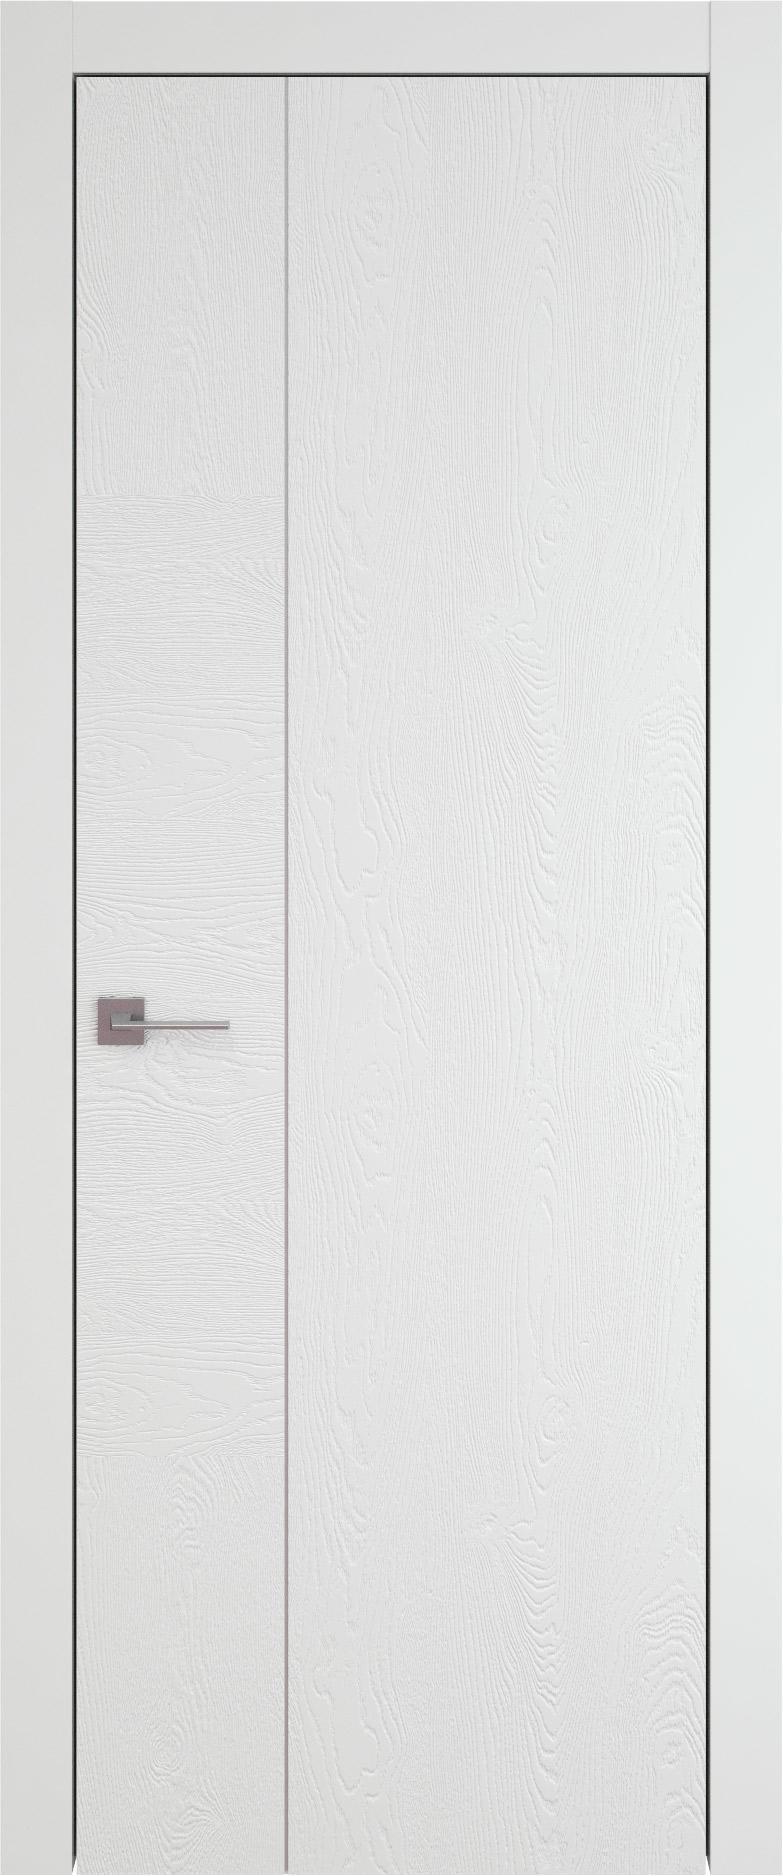 Tivoli В-1 цвет - Белая эмаль по шпону (RAL 9003) Без стекла (ДГ)